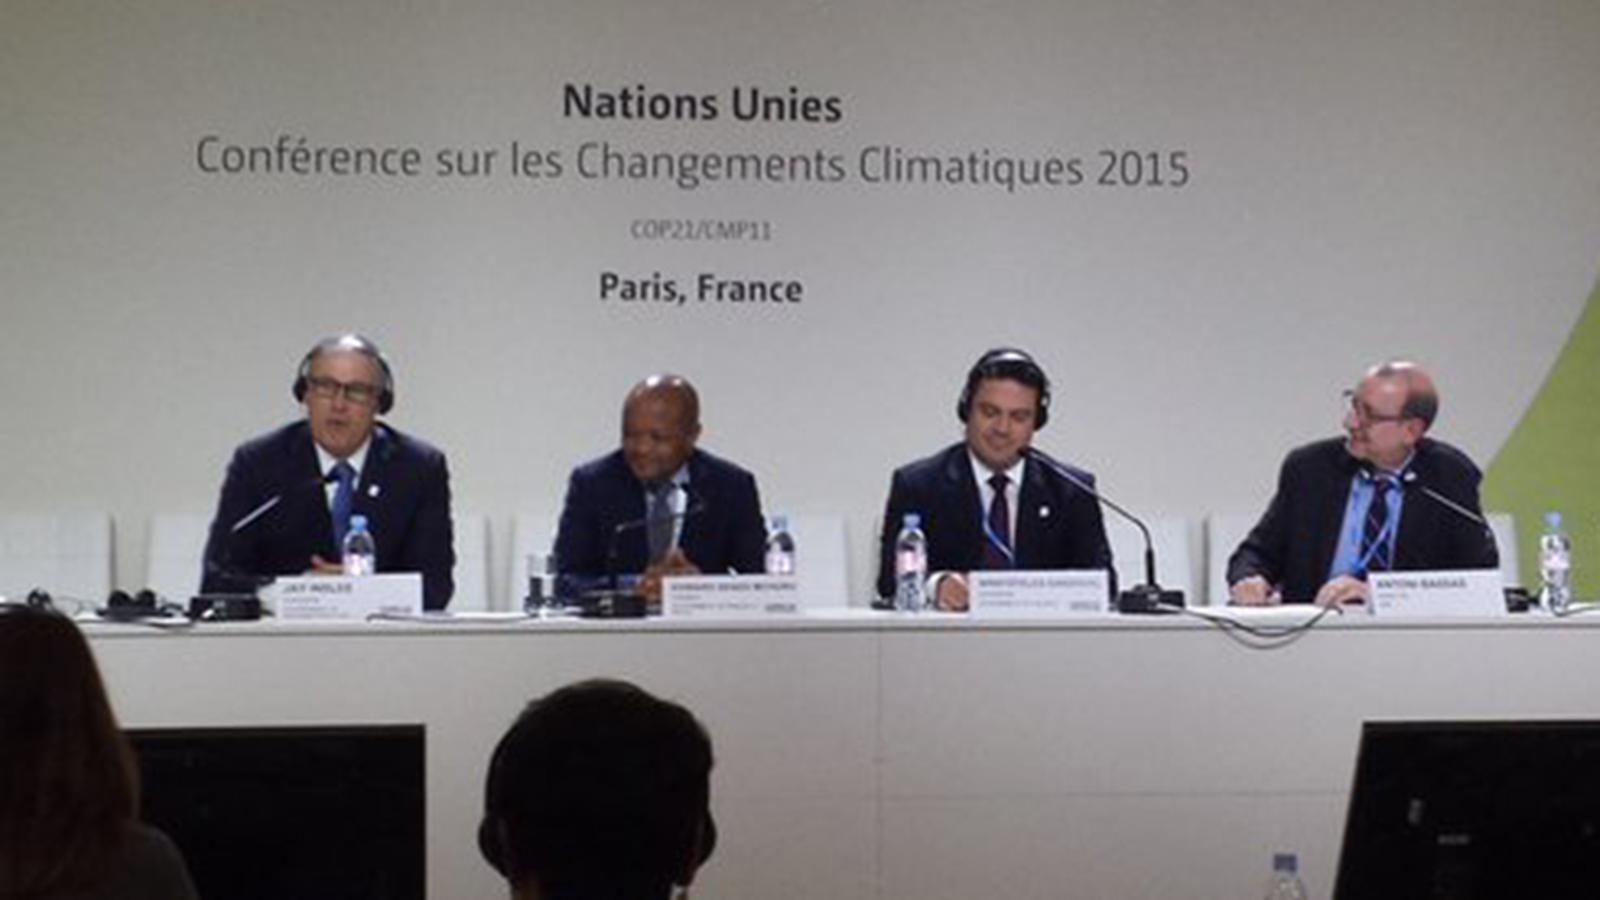 L'editorial d'Antoni Bassas: El canvi climàtic i la nostra dependència al cotxe